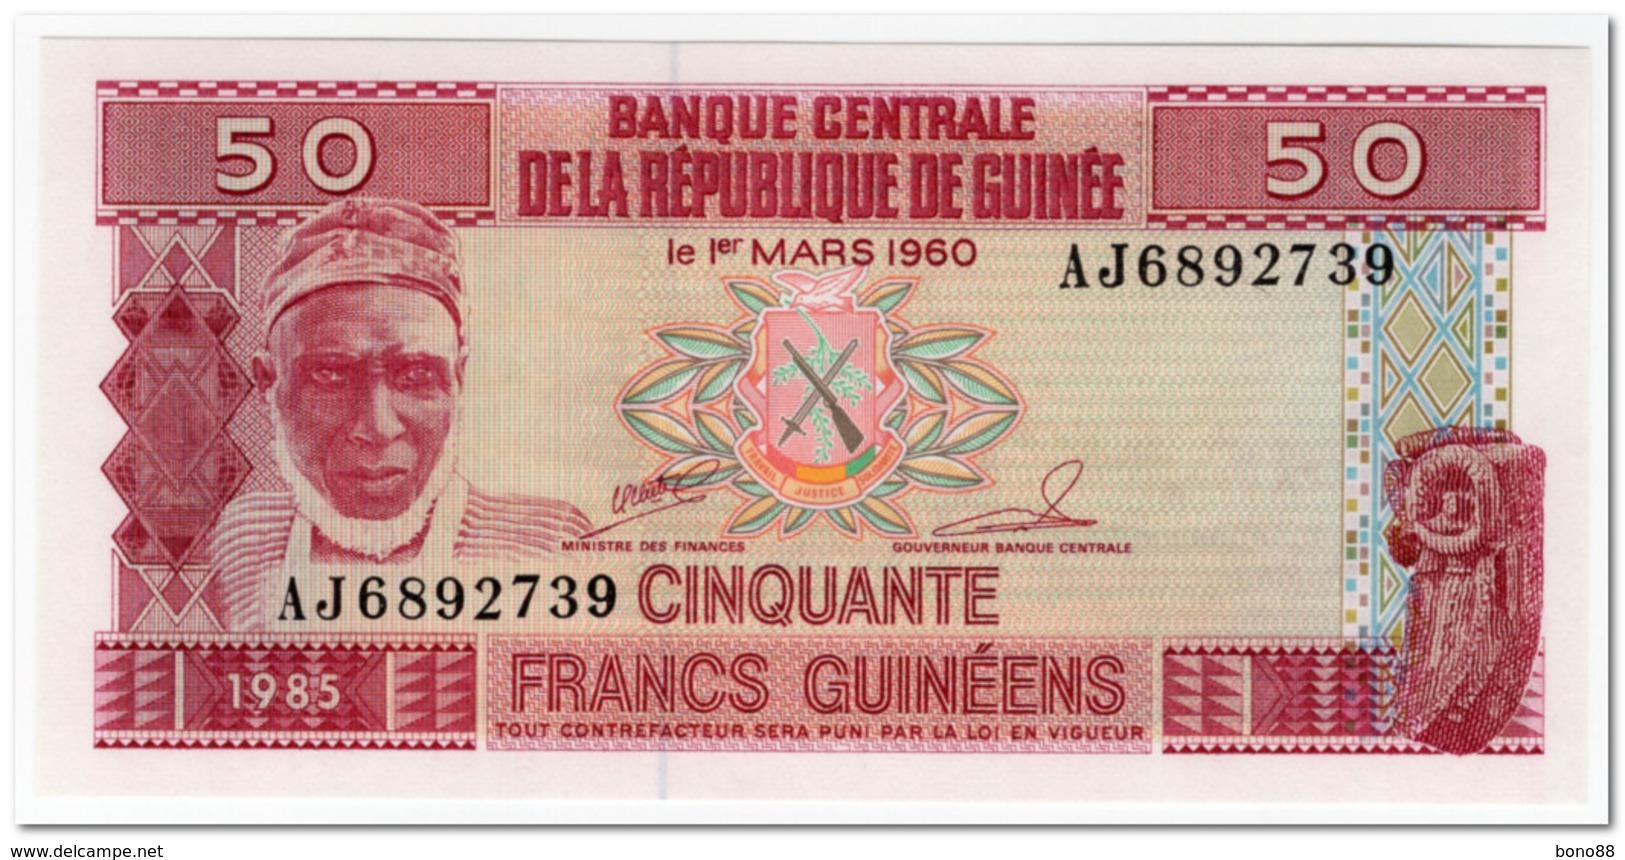 GUINEA,50 FRANCS,1985,P.29,UNC - Guinea